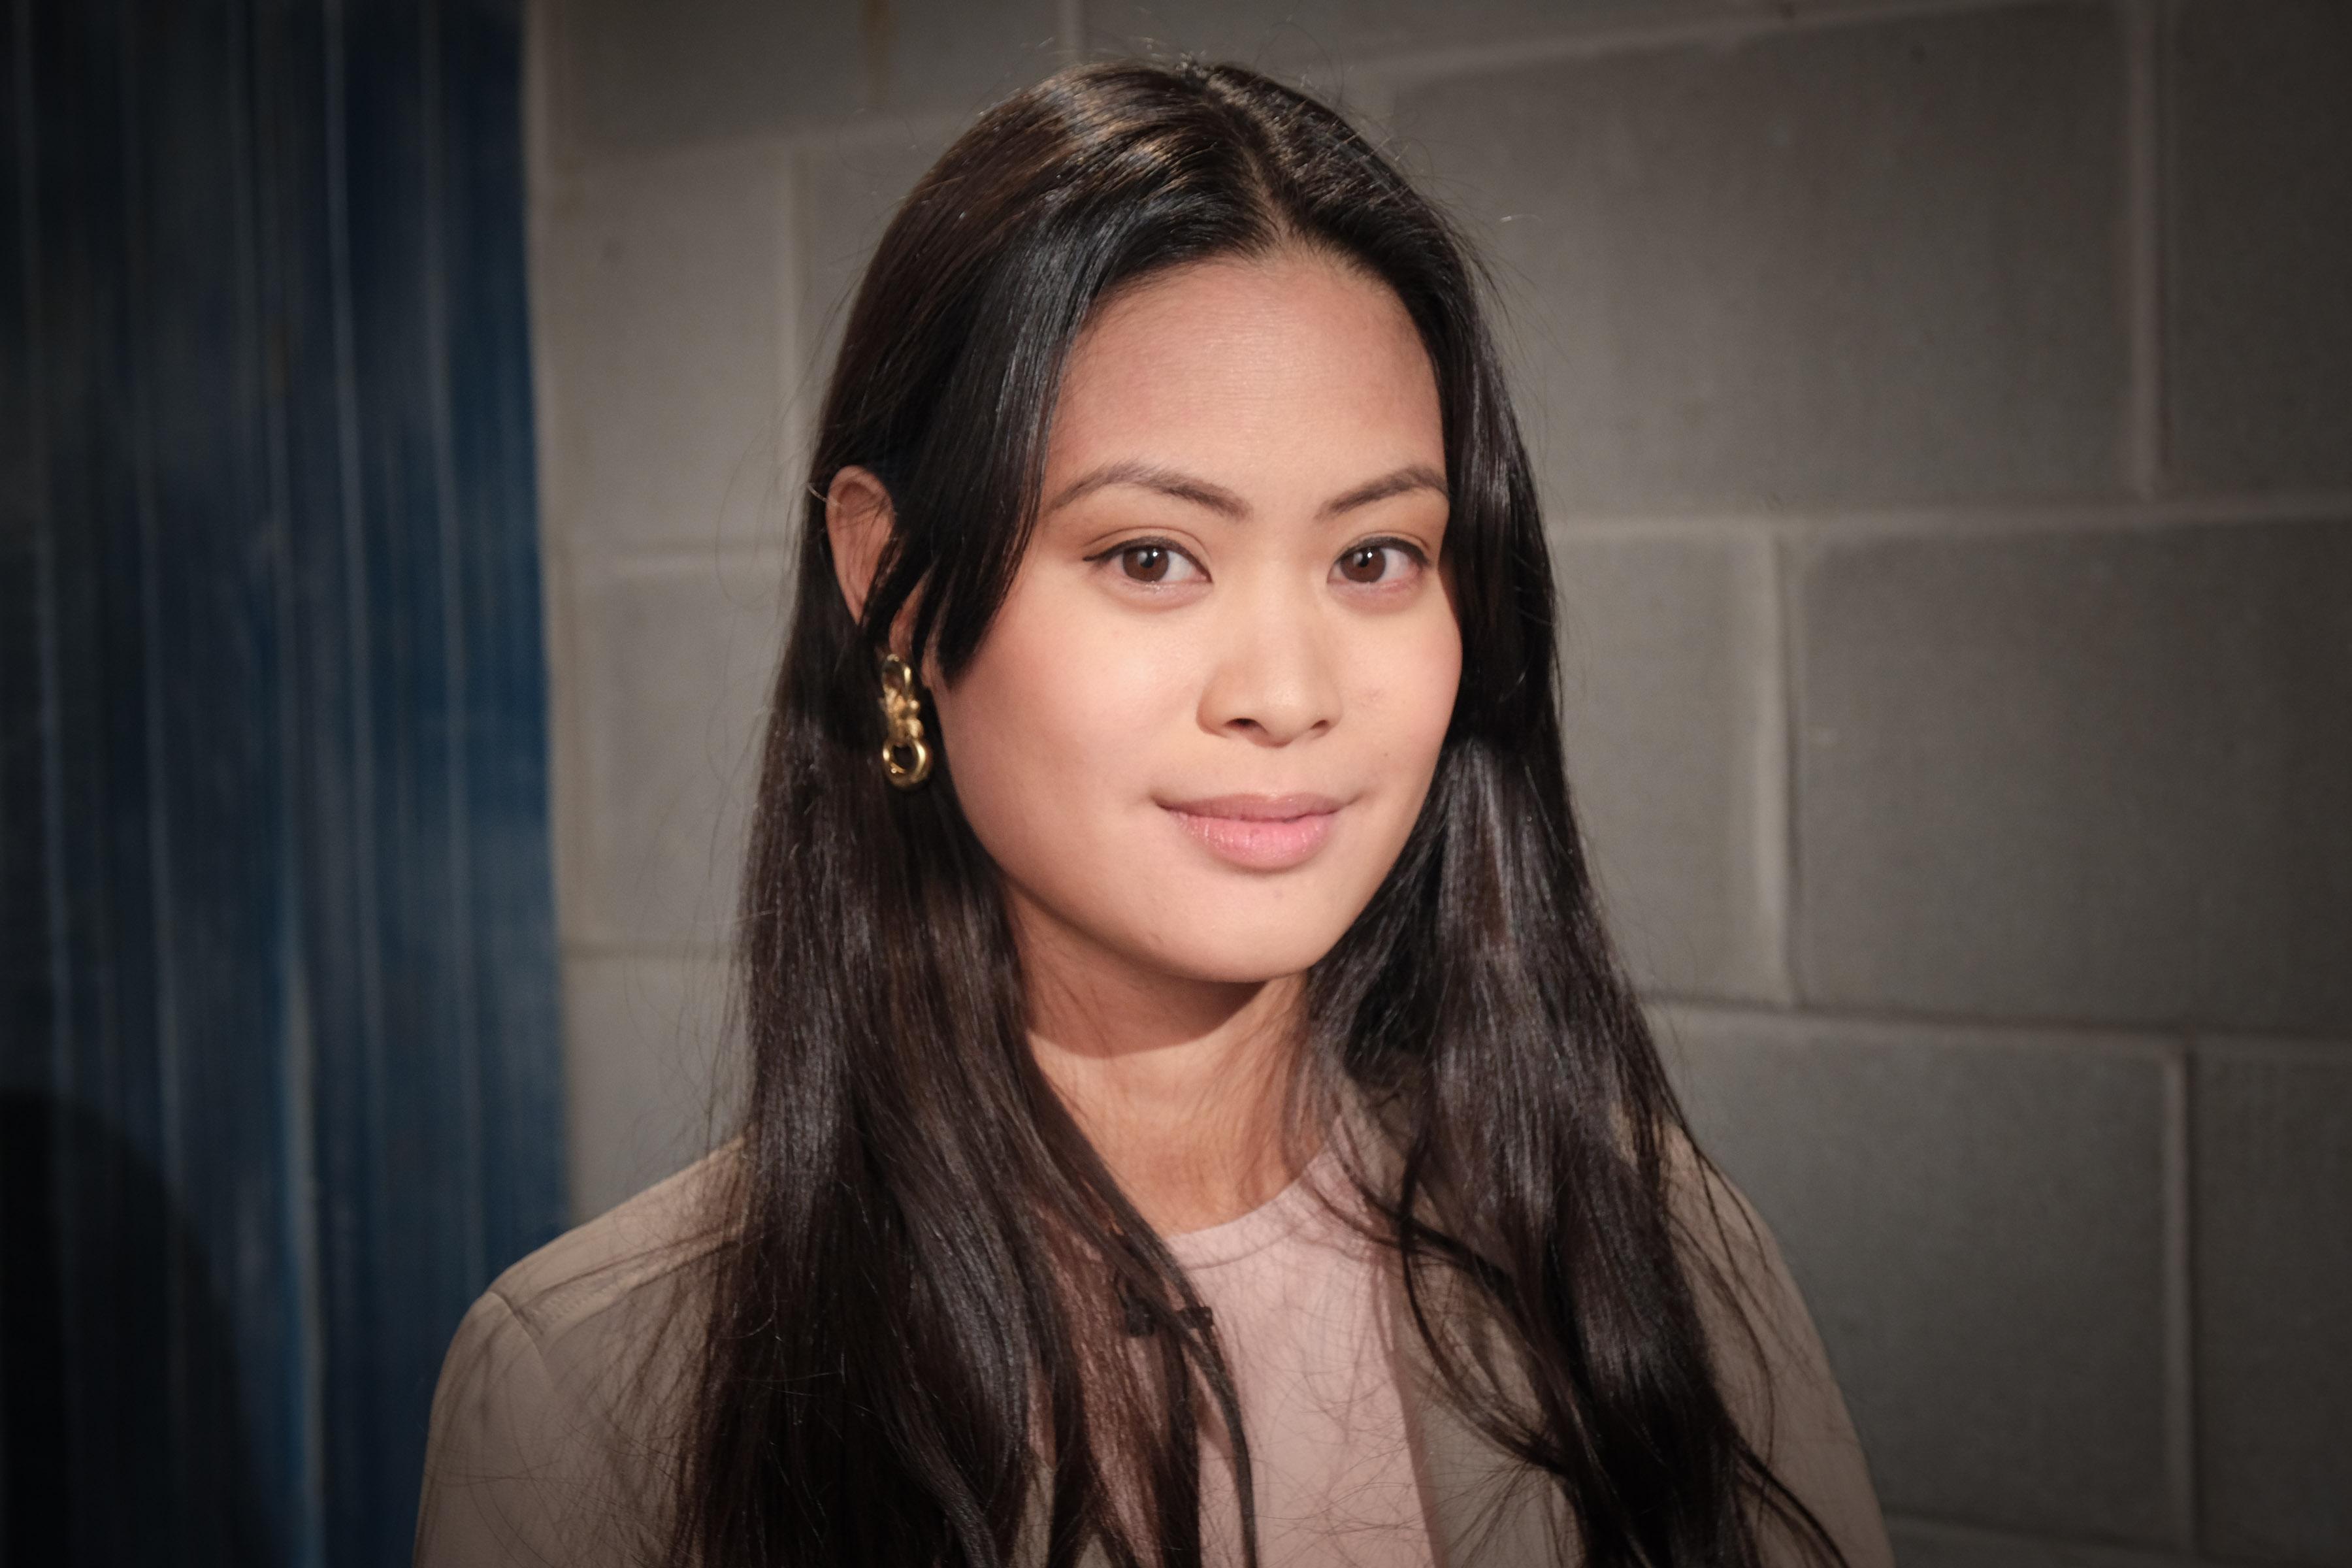 Annette Nguyen